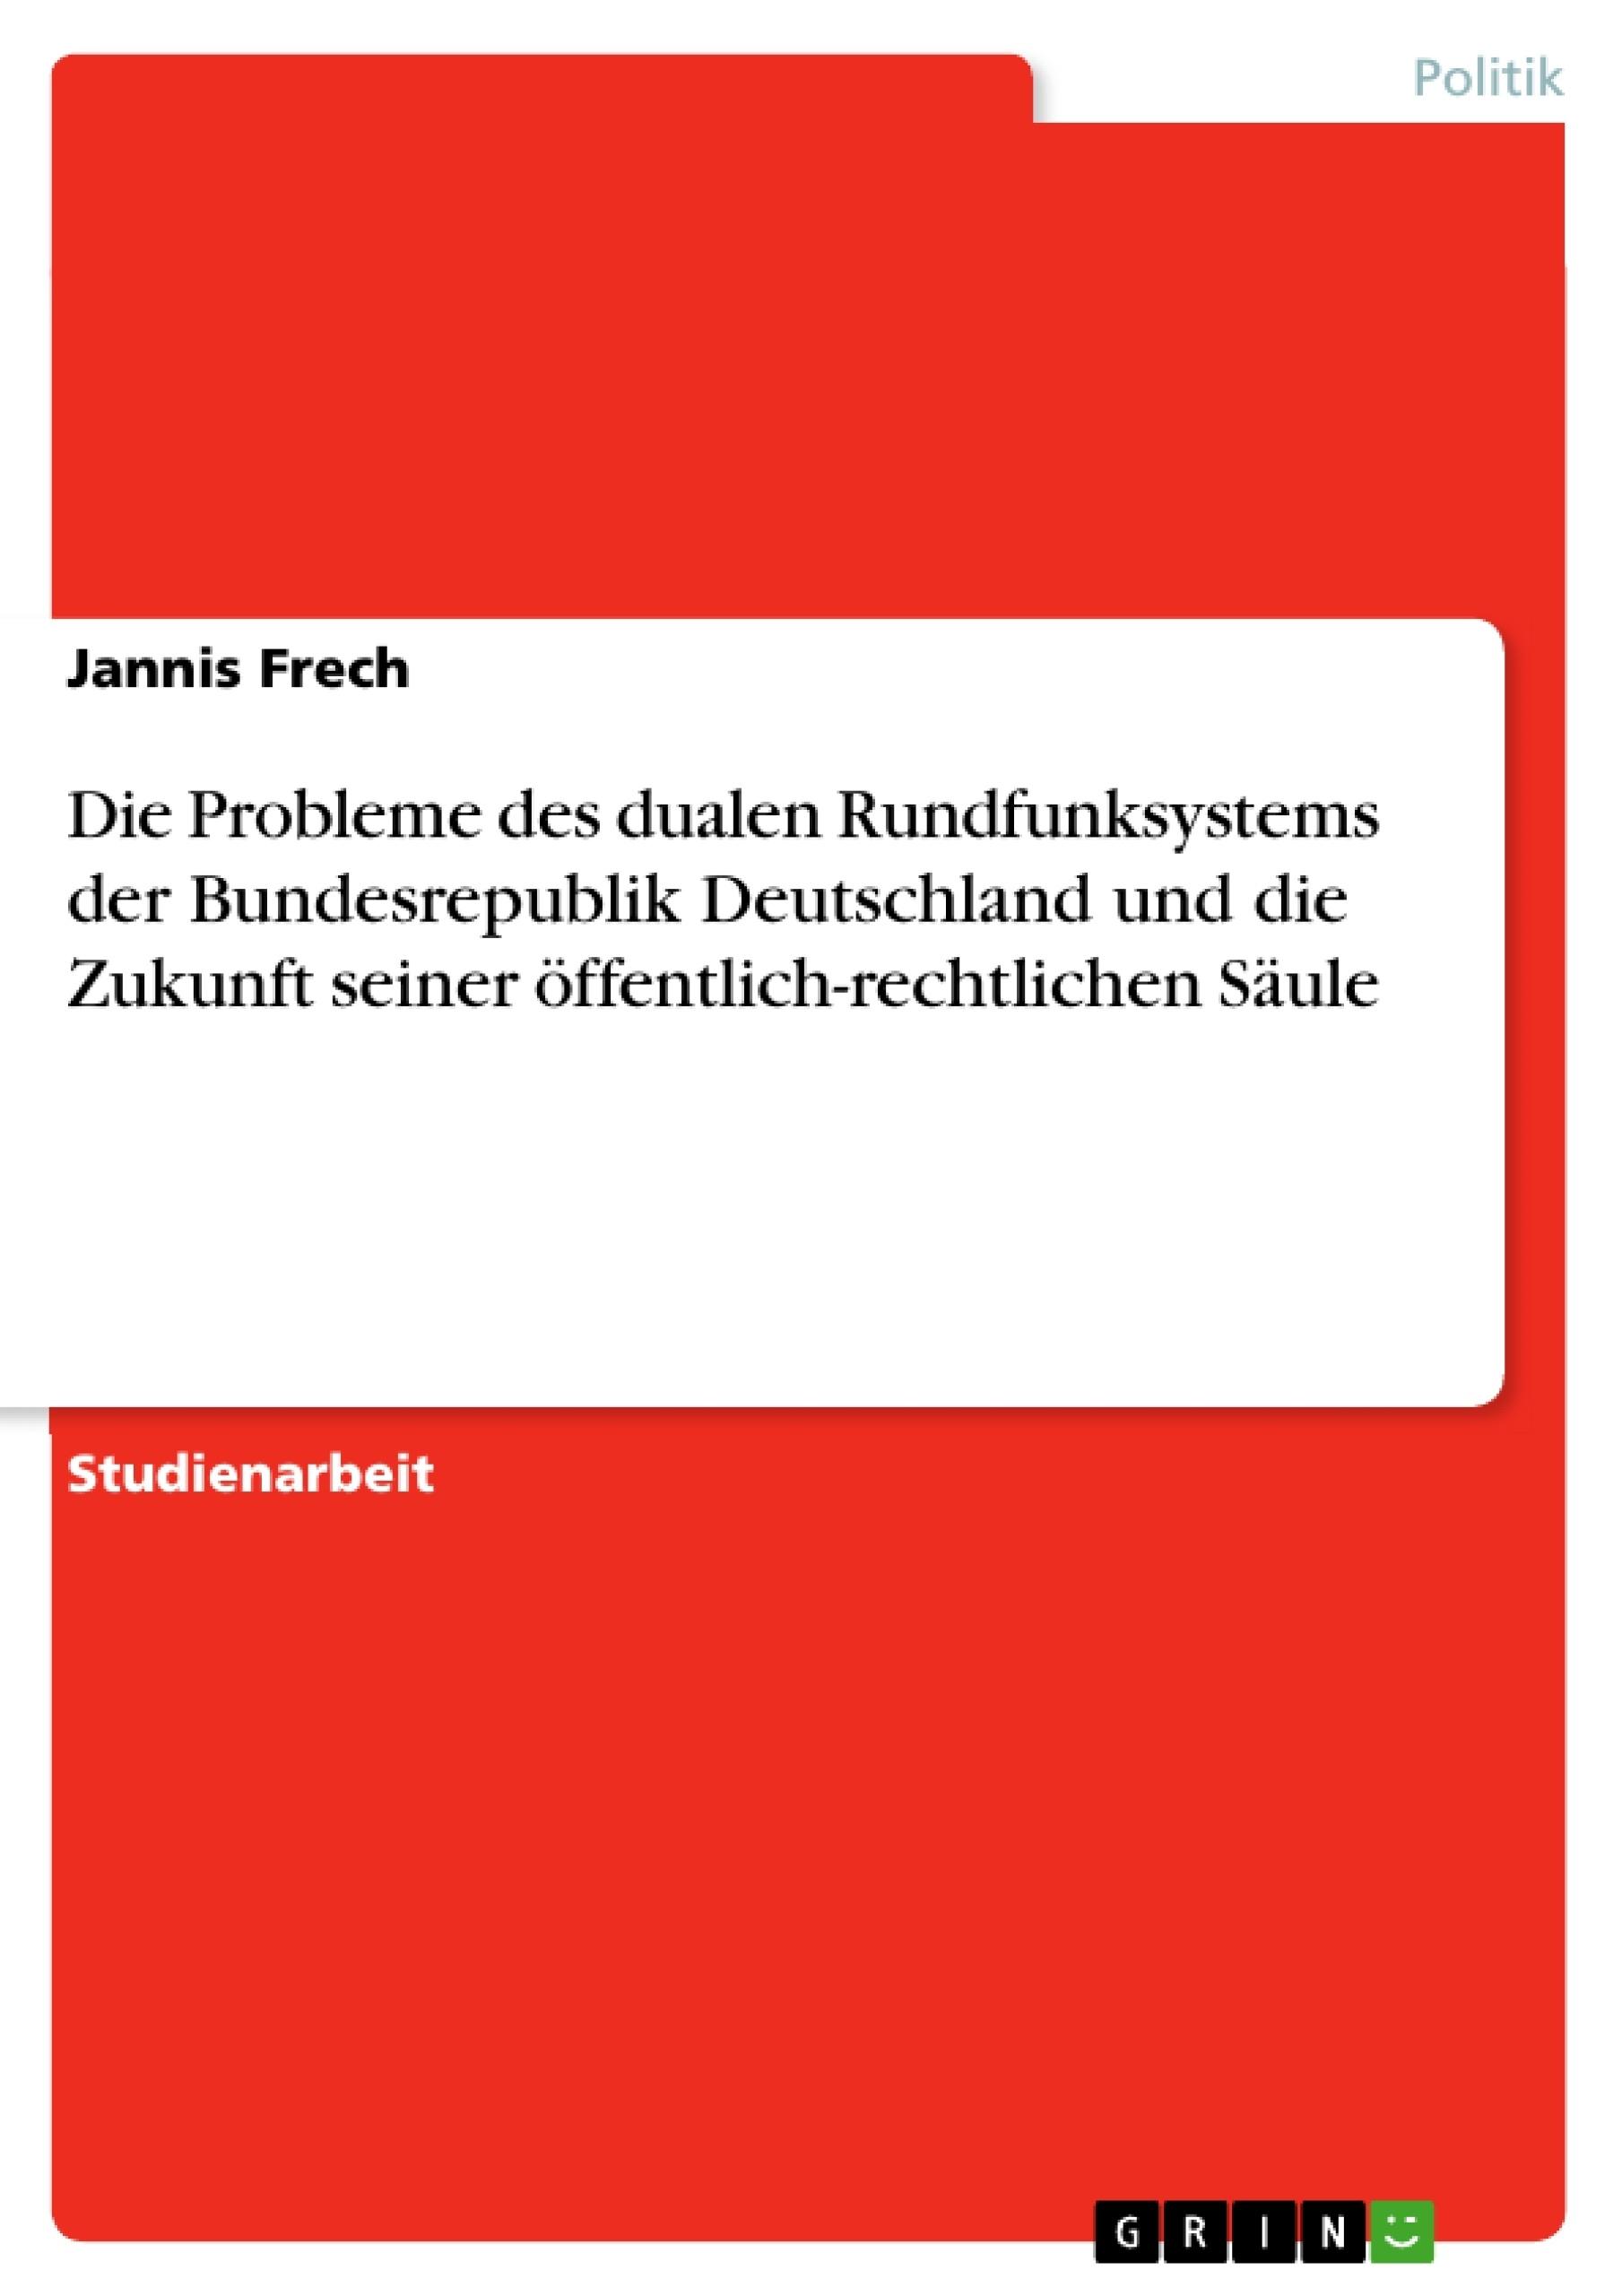 Titel: Die Probleme des dualen Rundfunksystems der Bundesrepublik Deutschland und die Zukunft seiner öffentlich-rechtlichen Säule